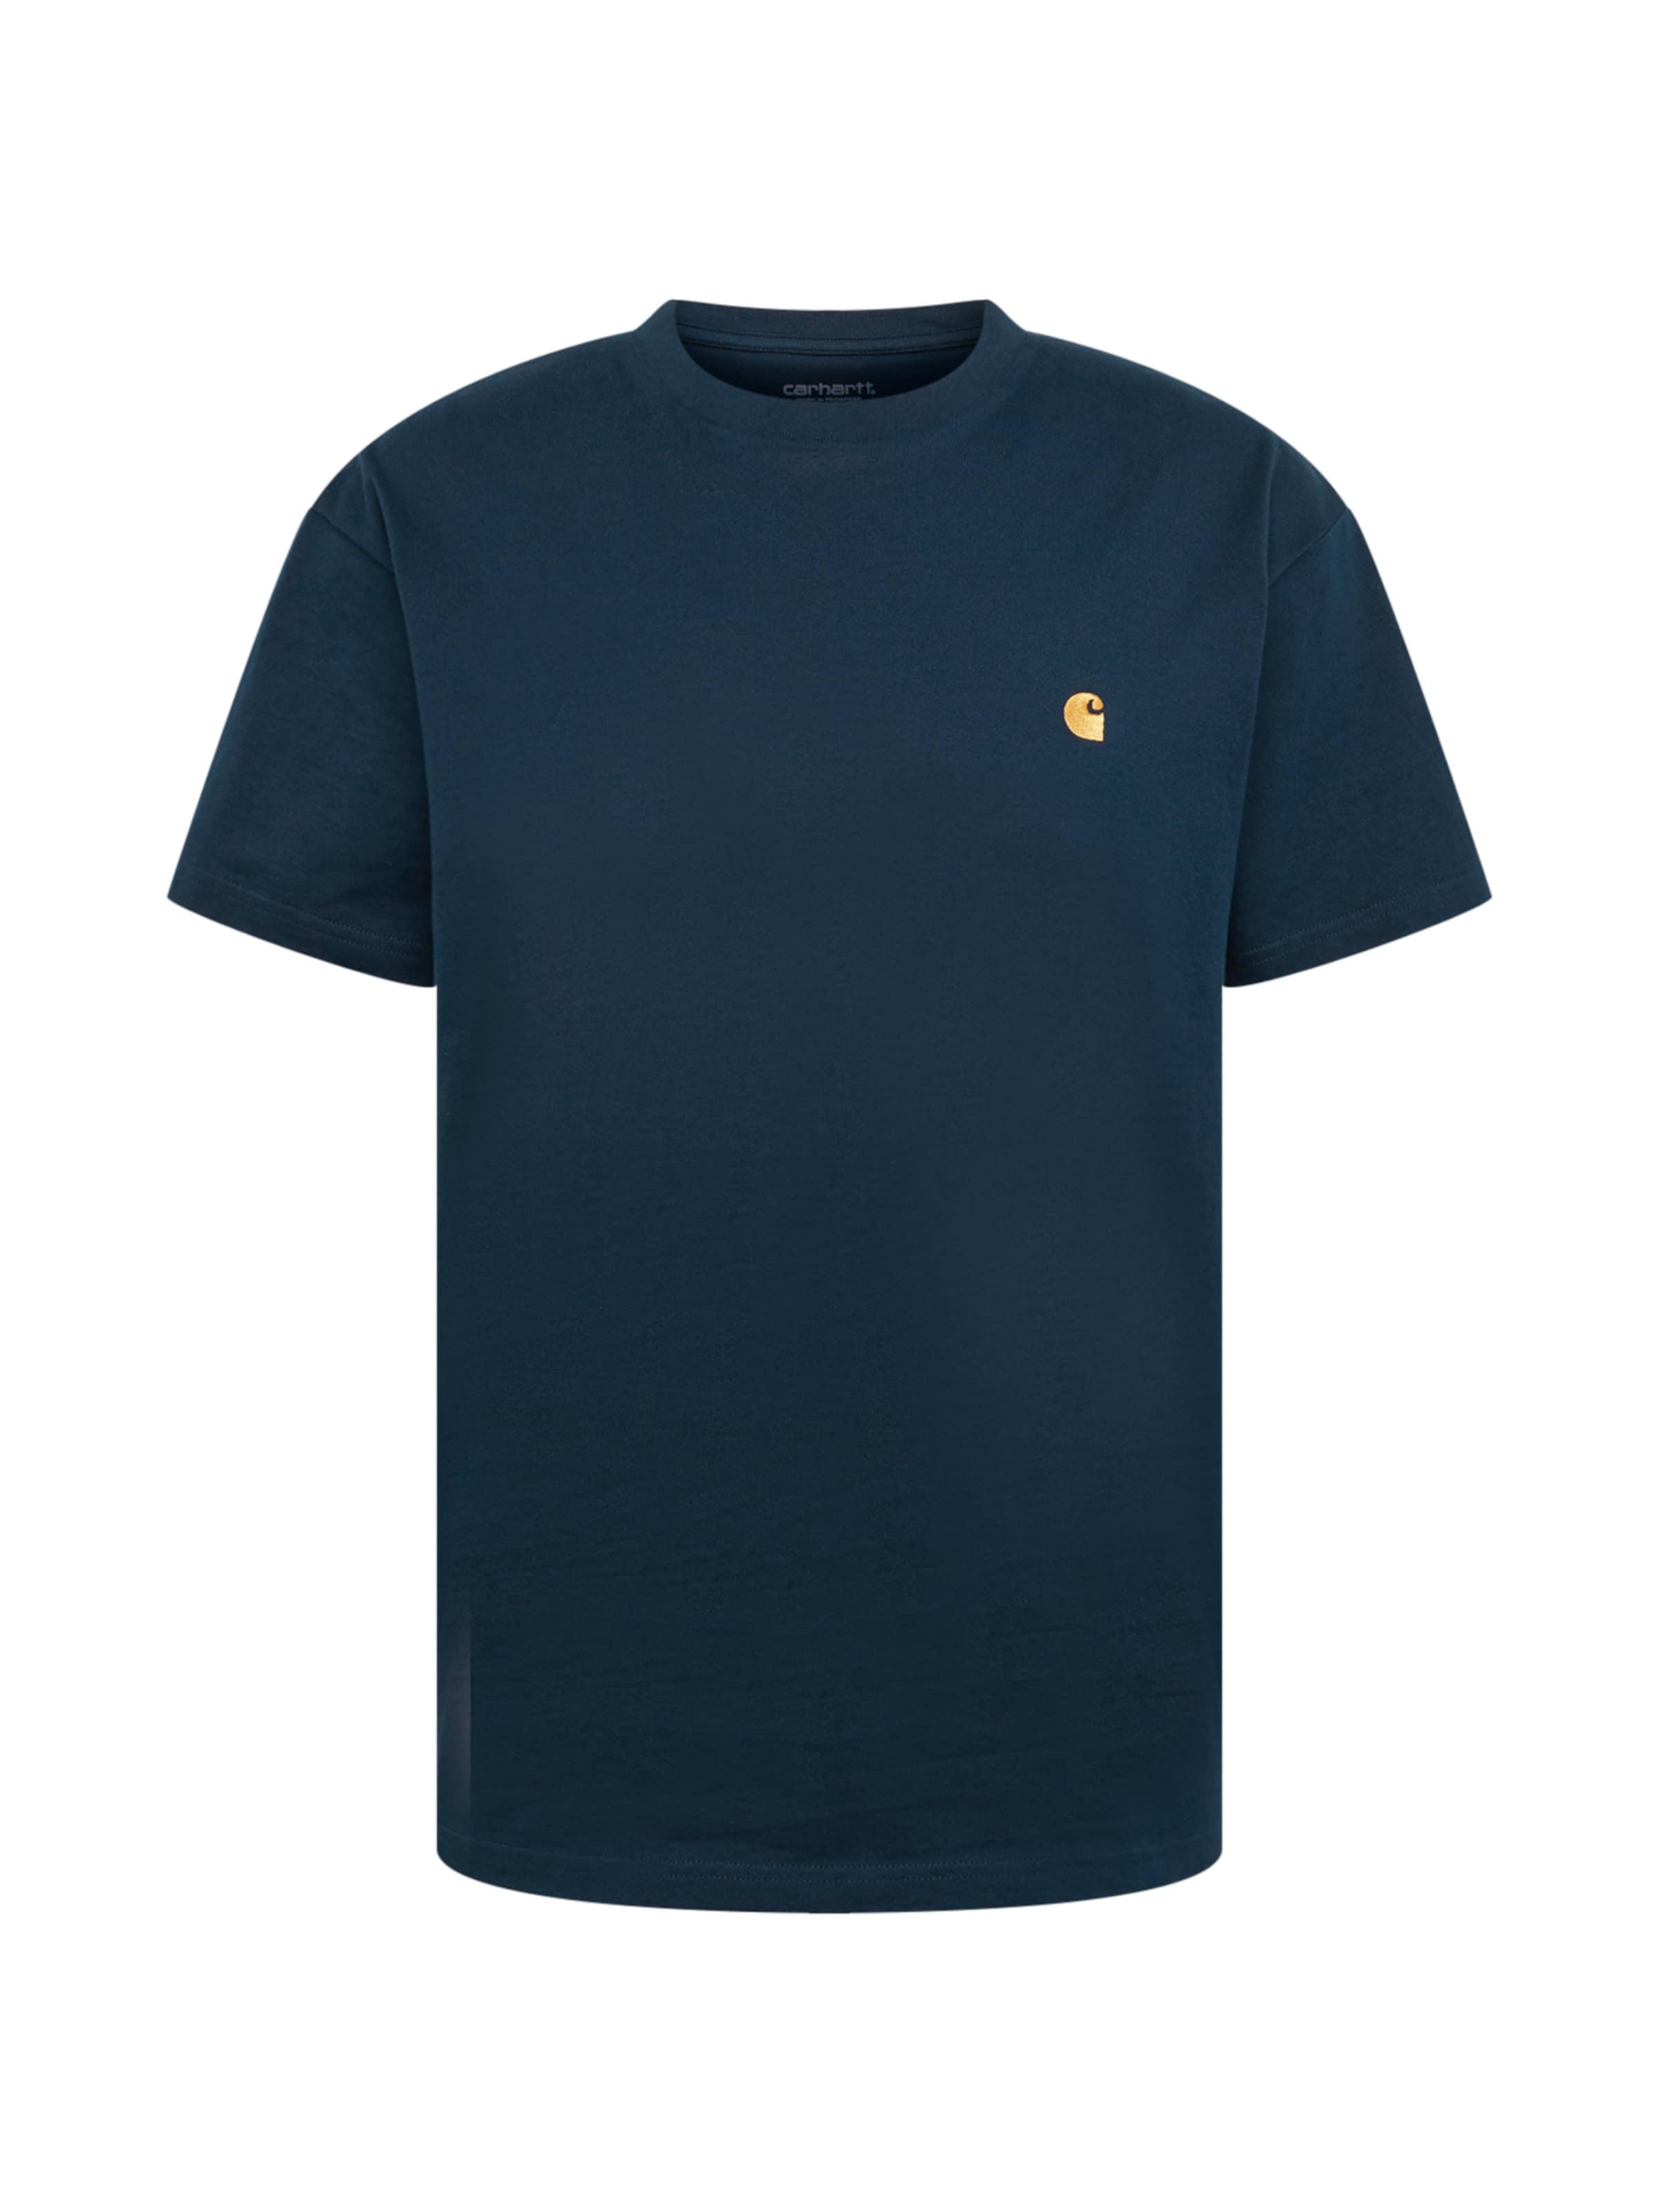 En Foncé Carhartt T Wip shirt Bleu dBxoCe